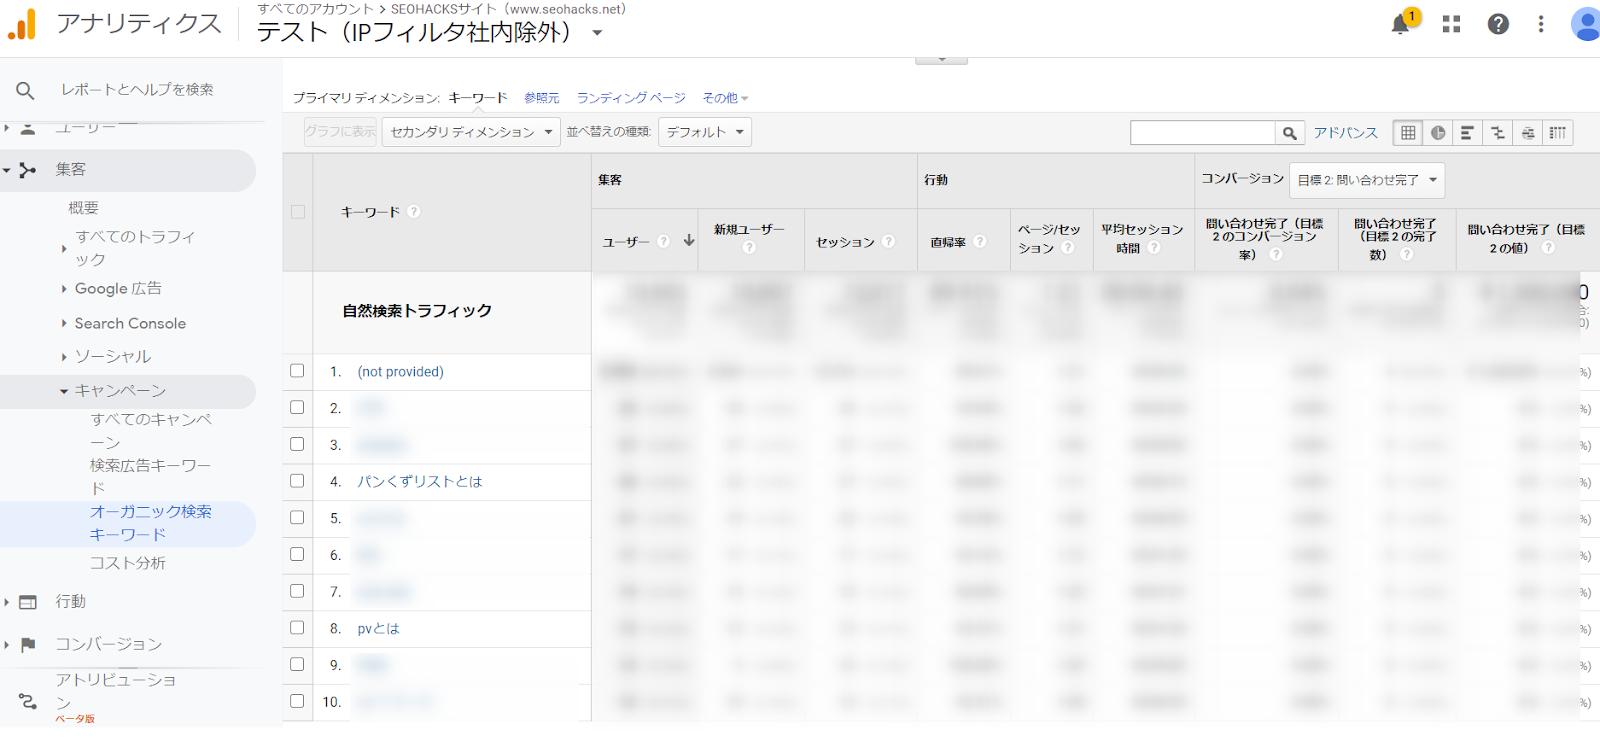 「オーガニック検索キーワード」から、キーワードごとのセッション数、コンバージョン数、直帰率などを確認